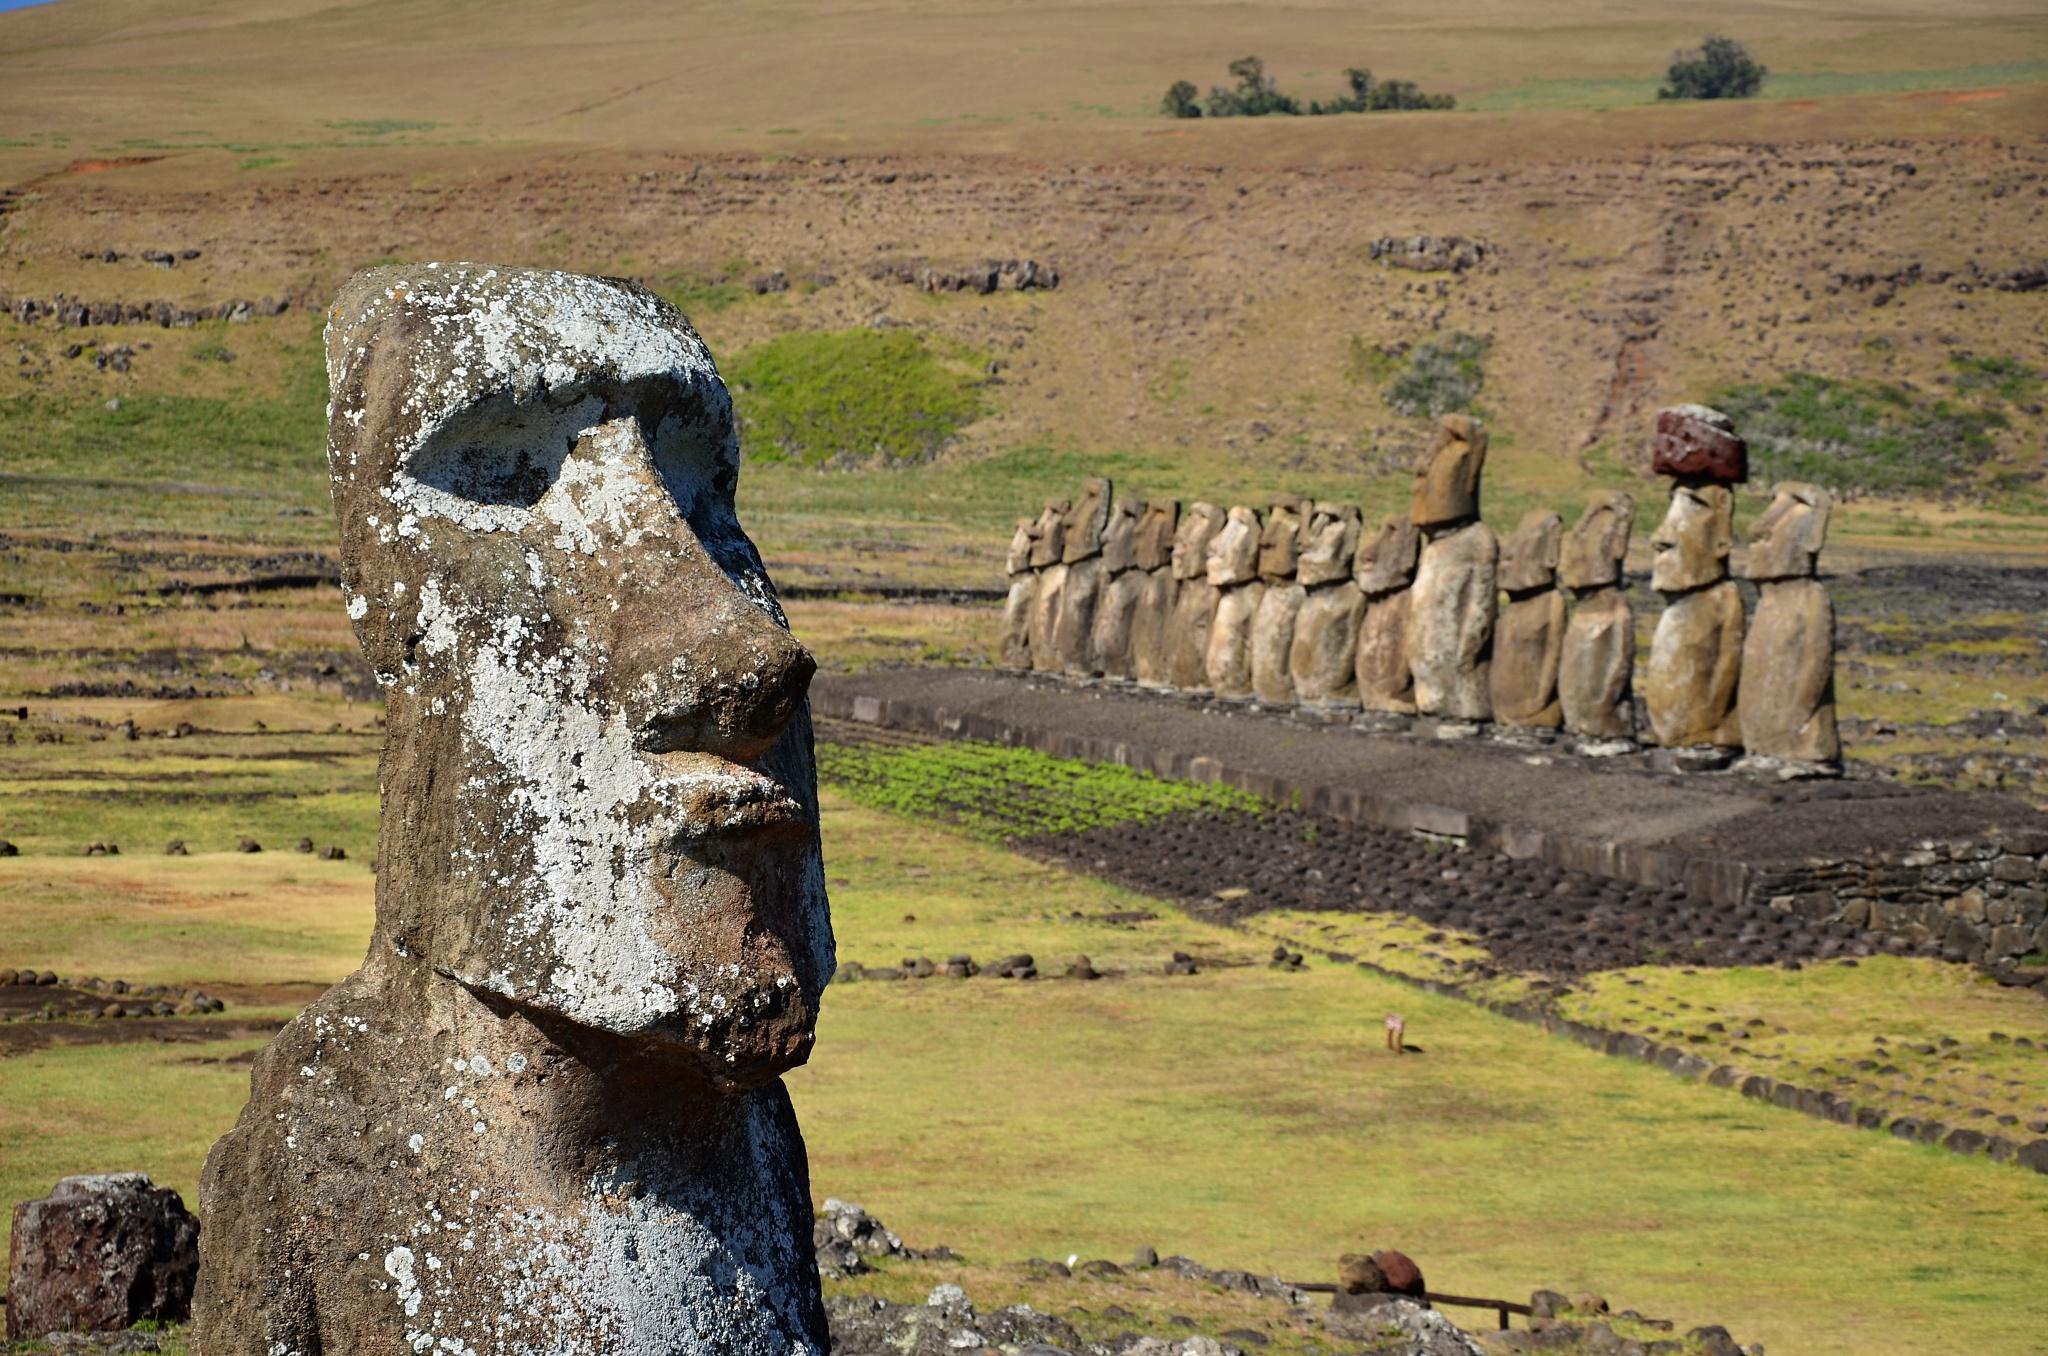 Samostatná Moai a za ní 15 dalších soch